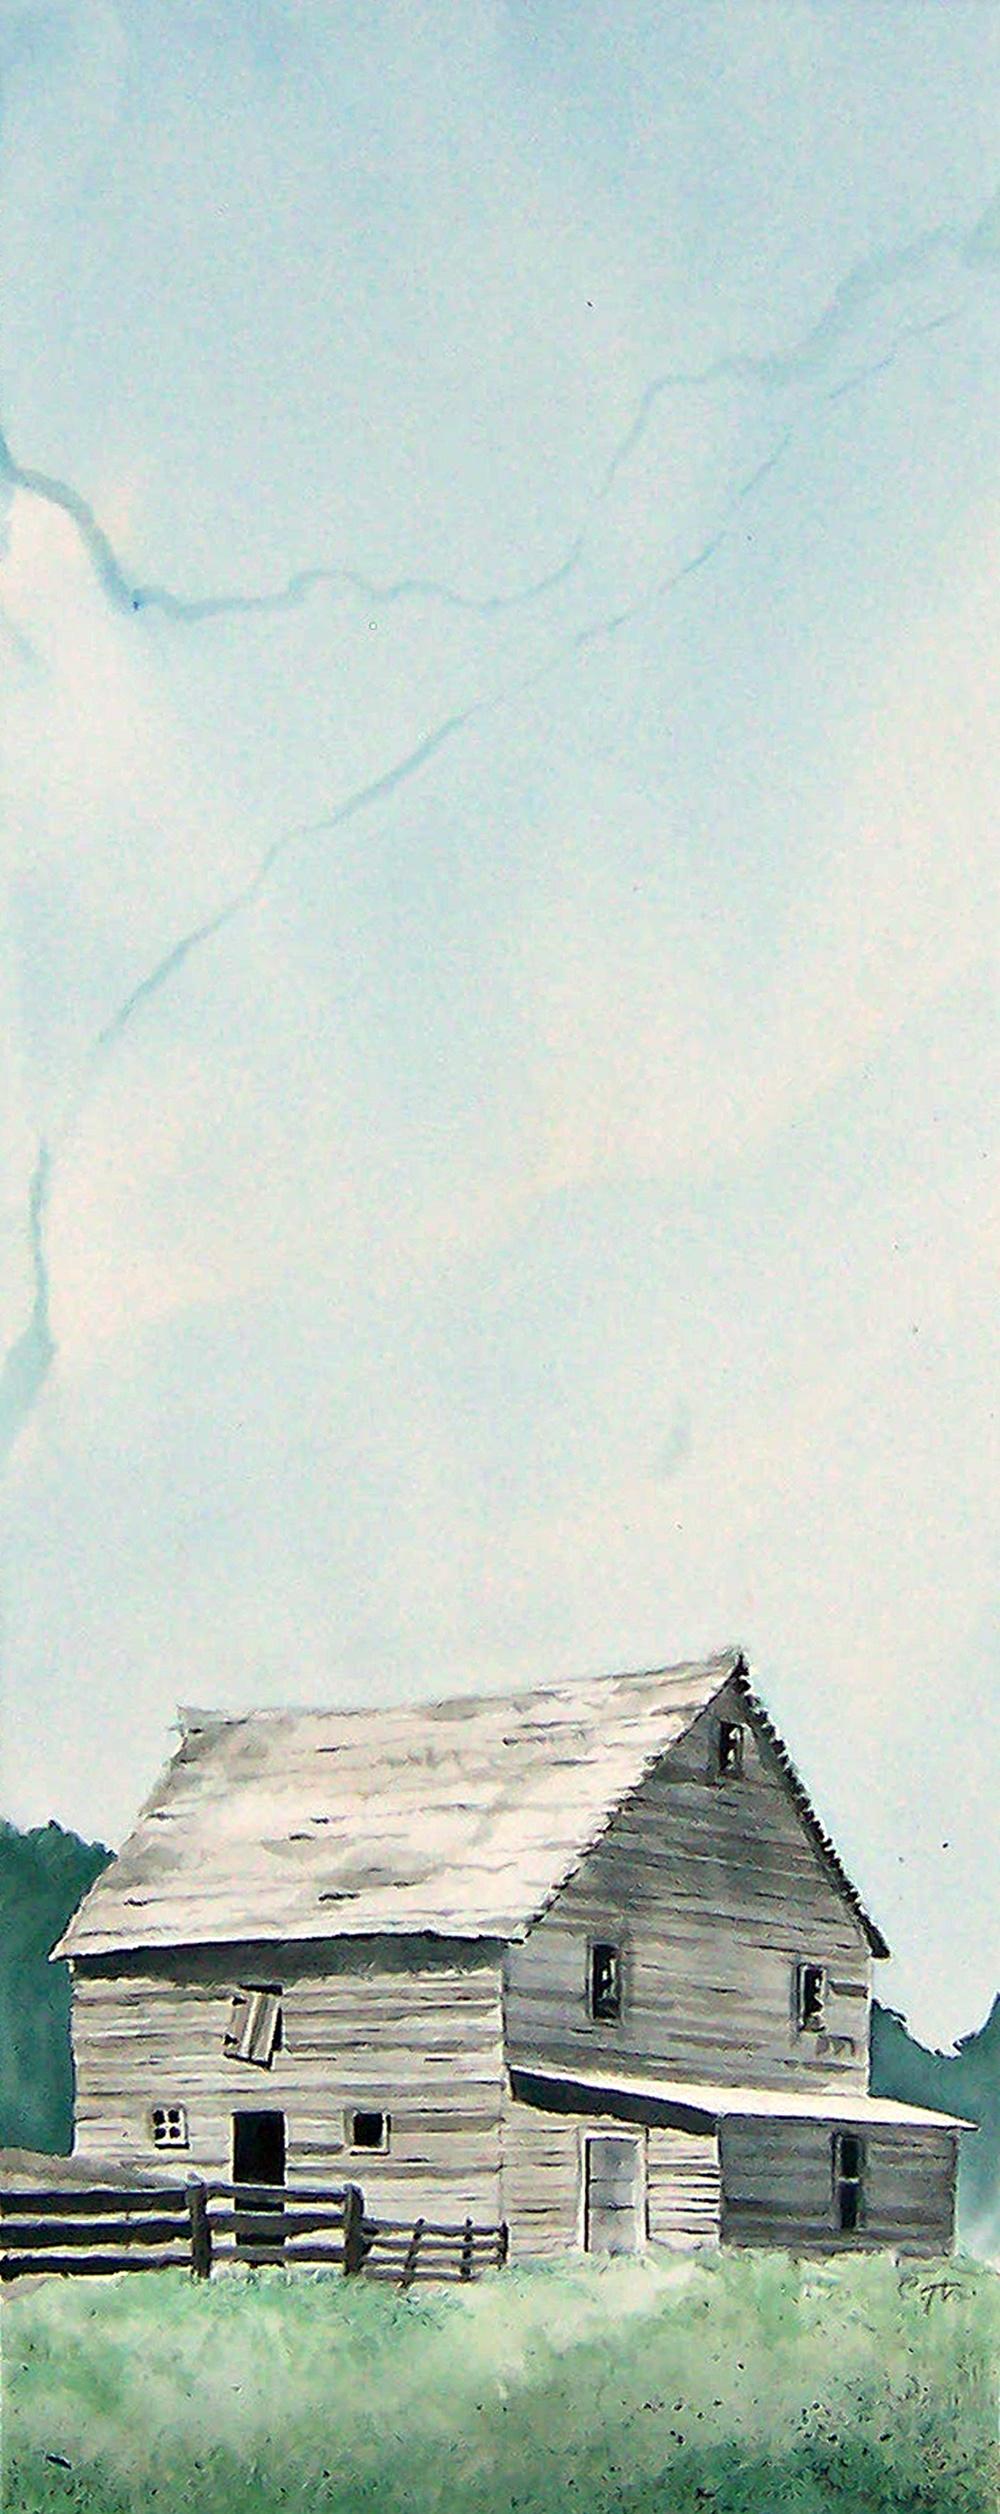 heeren-barn.jpg